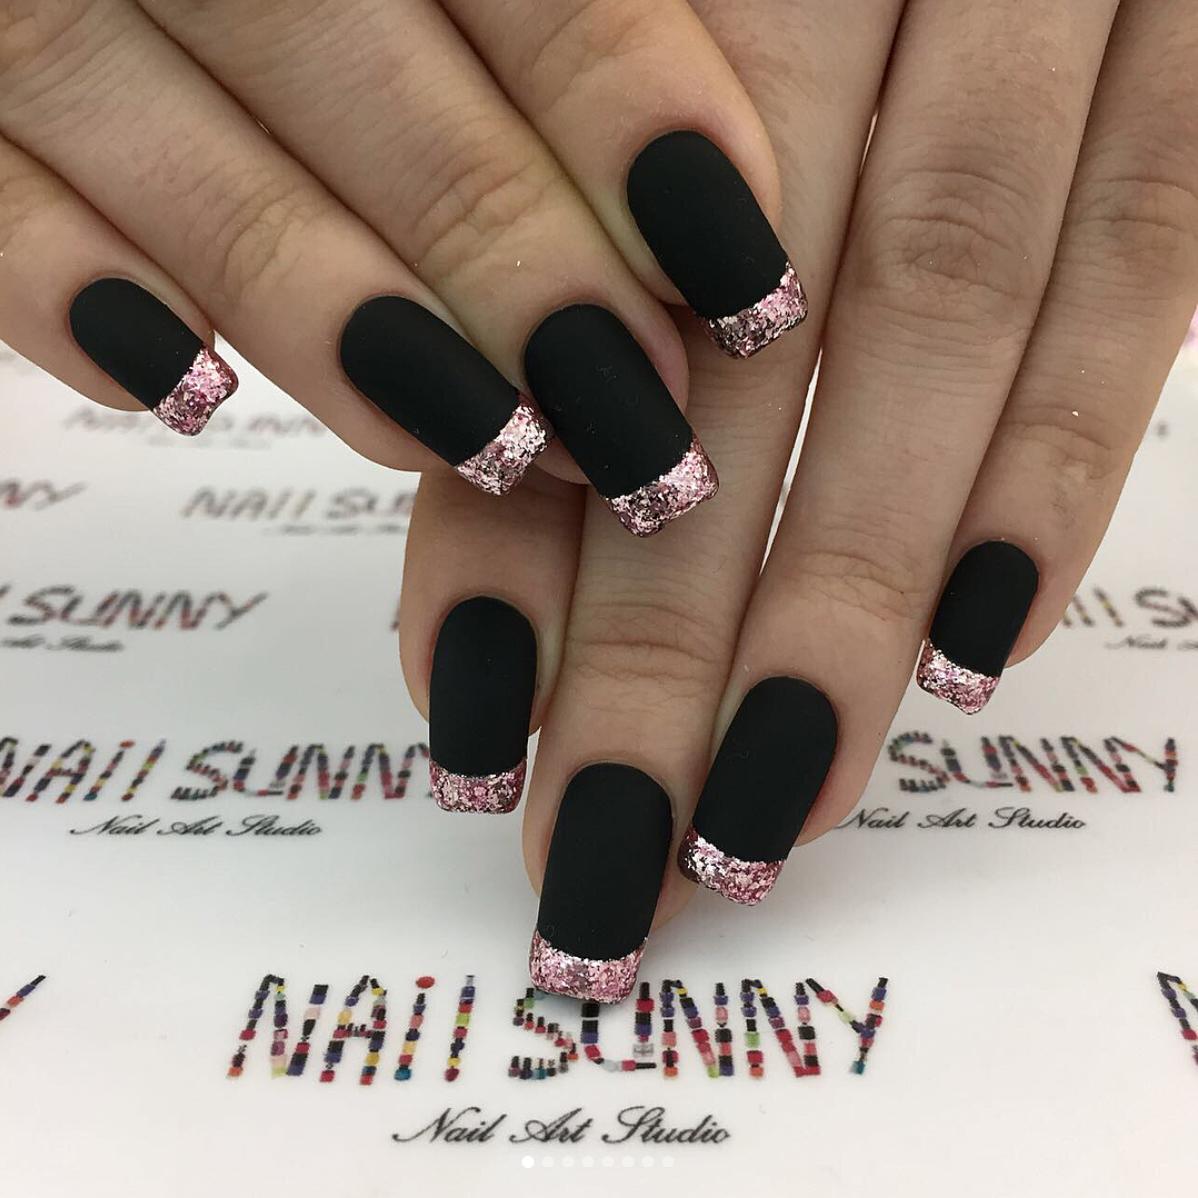 Nail Sunny French Nails Matte Black Pink Glitter Rose Gold Nails Design Black Acrylic Nail Designs Gold Nail Designs